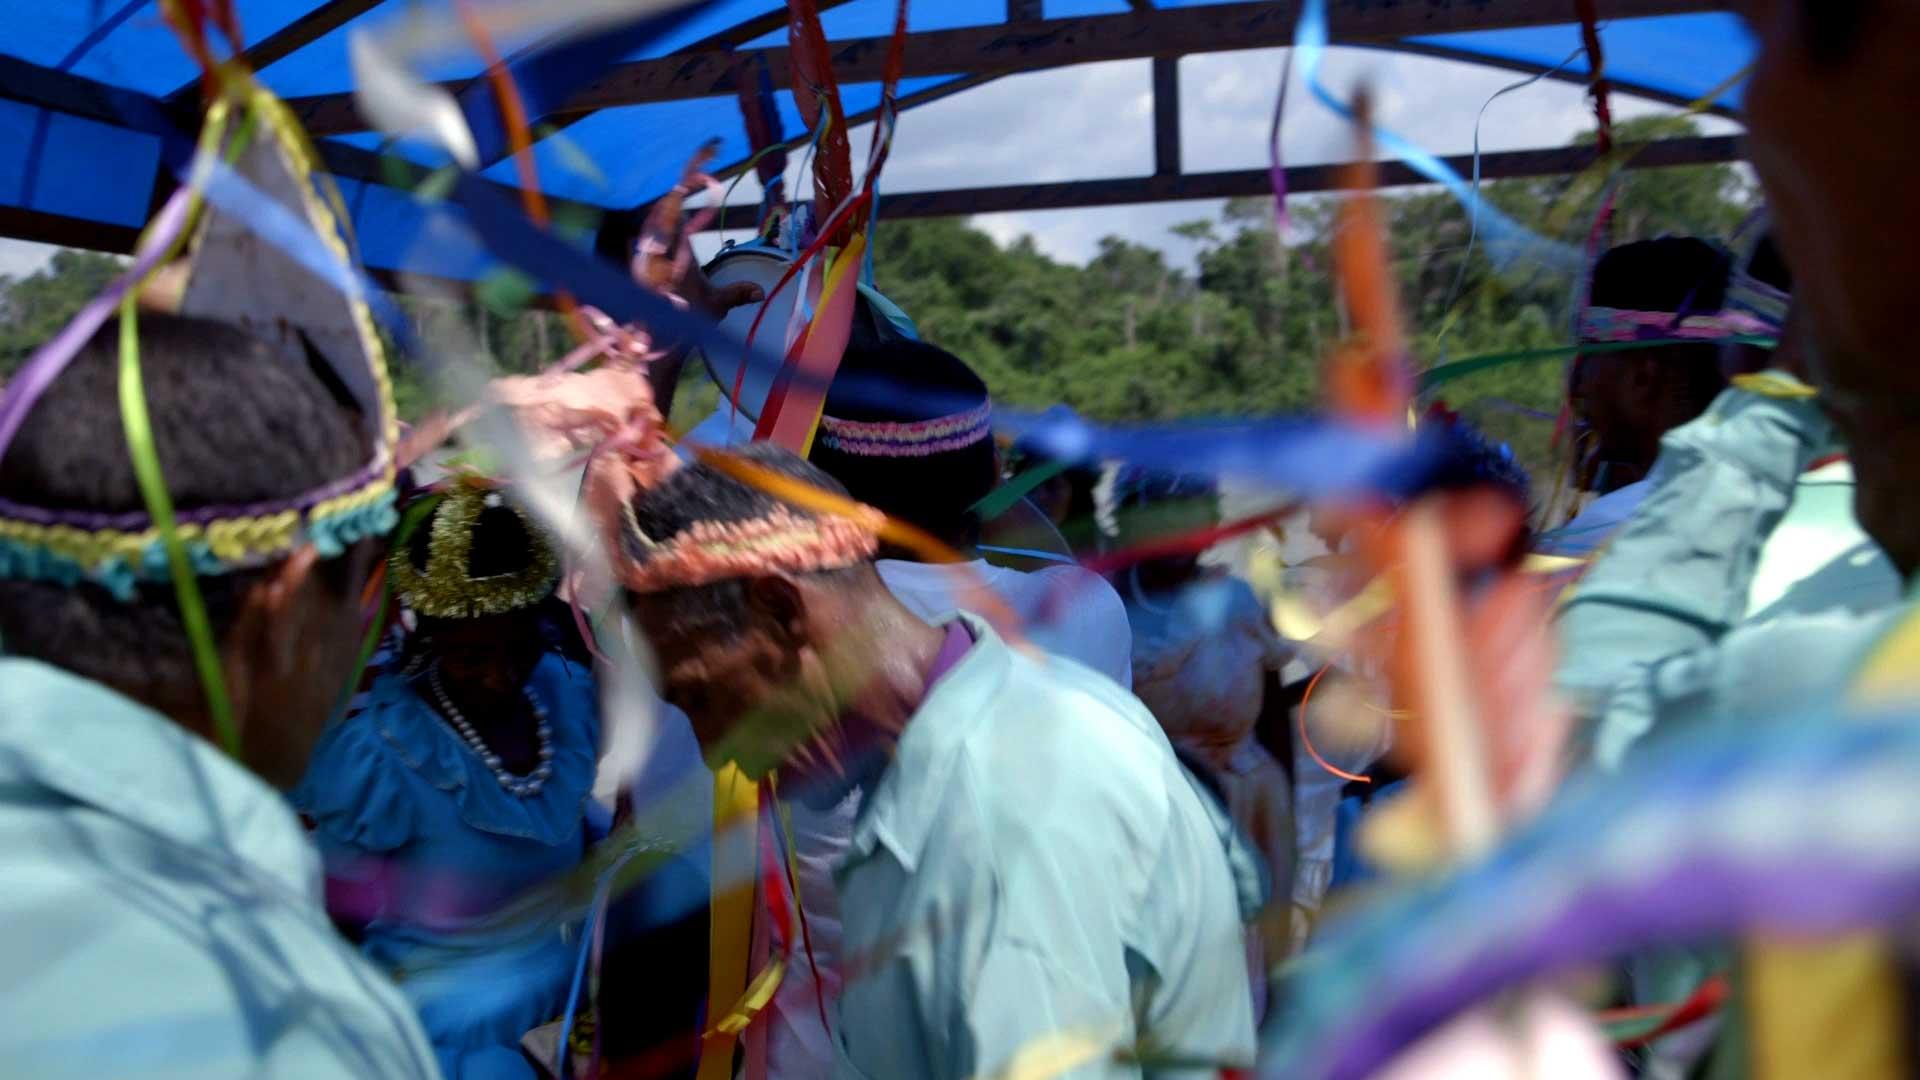 Documentário resgata cultura e resistência de quilombolas de Alenquer, no Pará